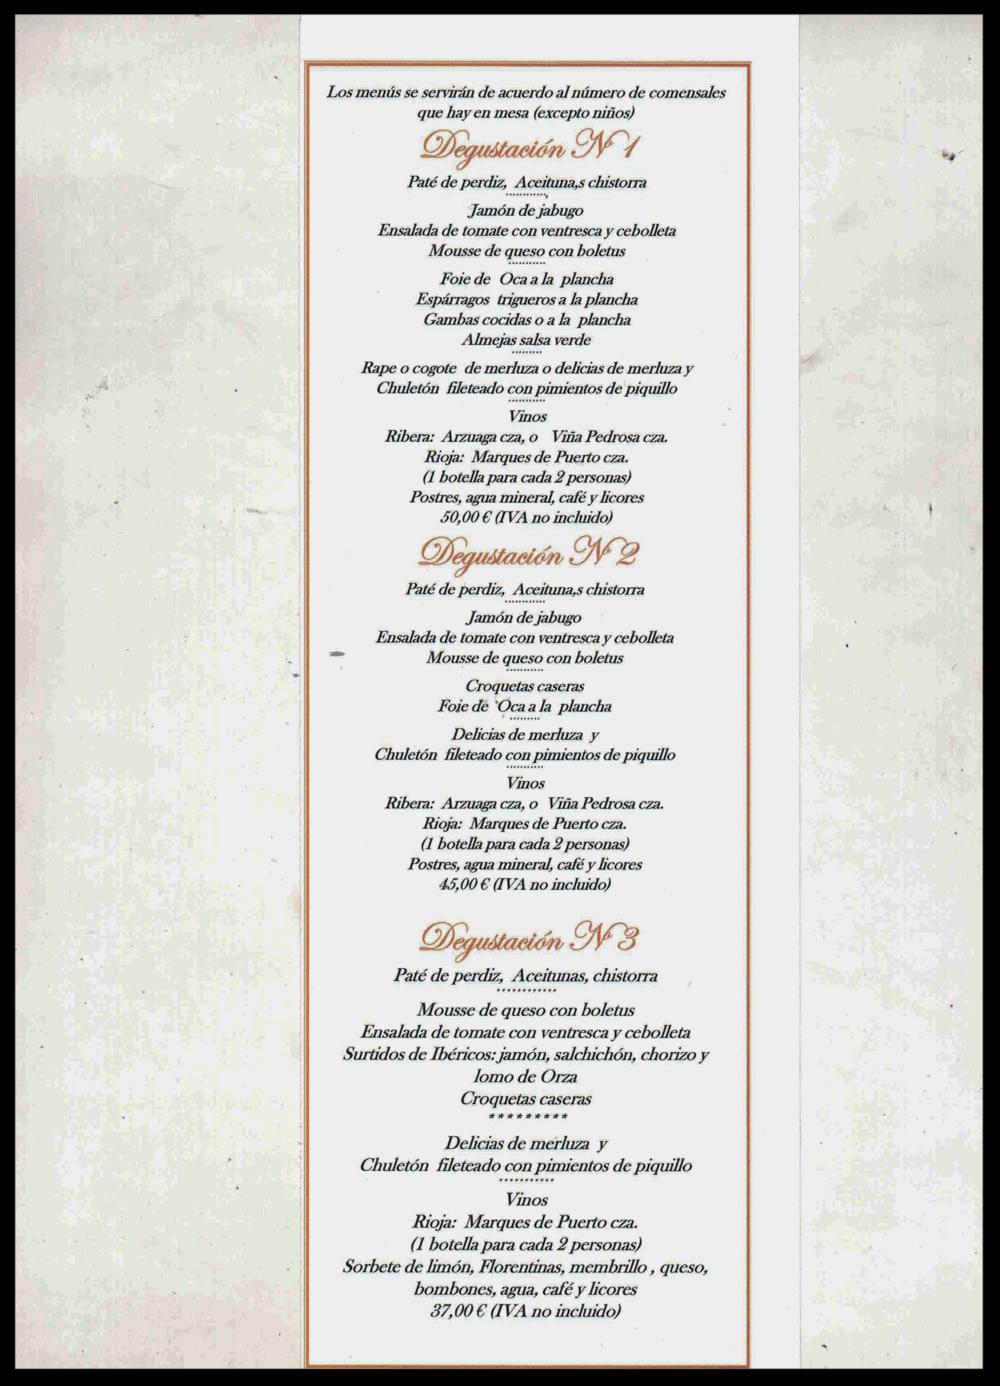 degustacion nuevo 0405.png